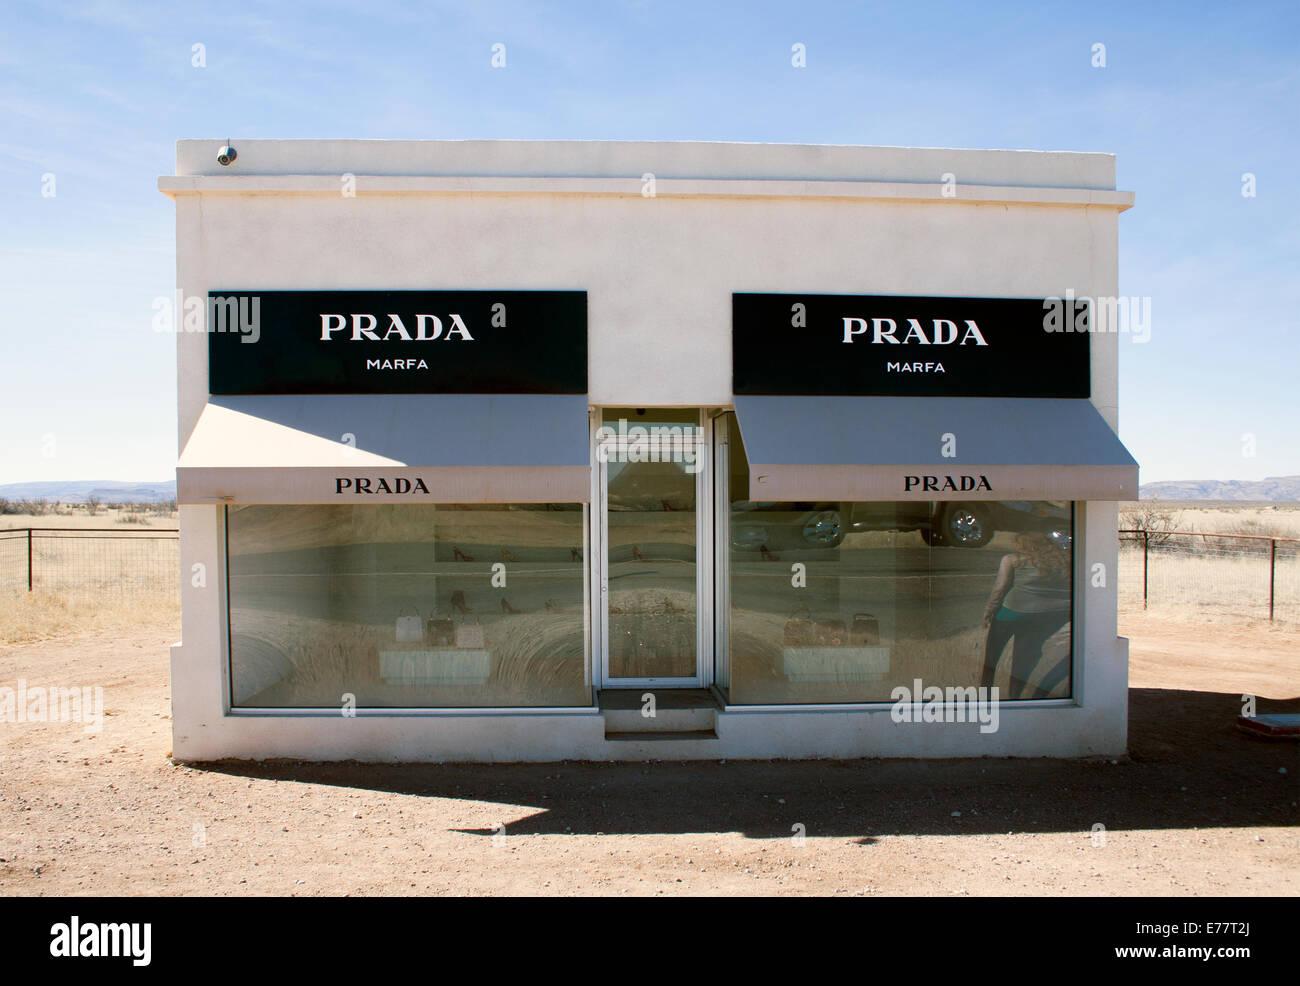 Prada Store Art Installation In The Desert In Valentine